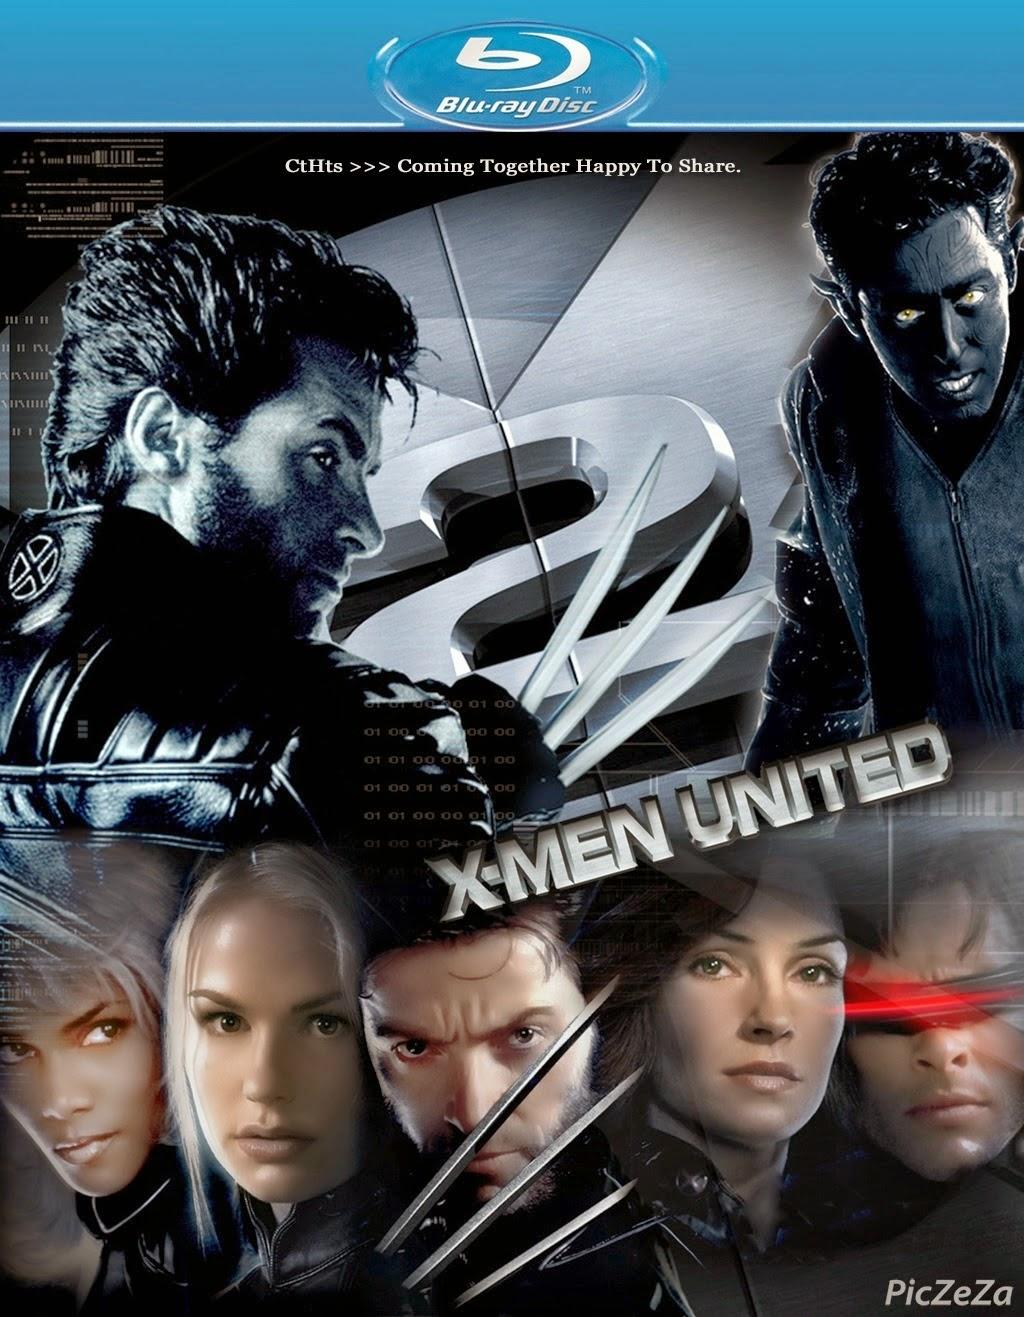 X-Men 2 (2003) : ศึกมนุษย์พลังเหนือโลก